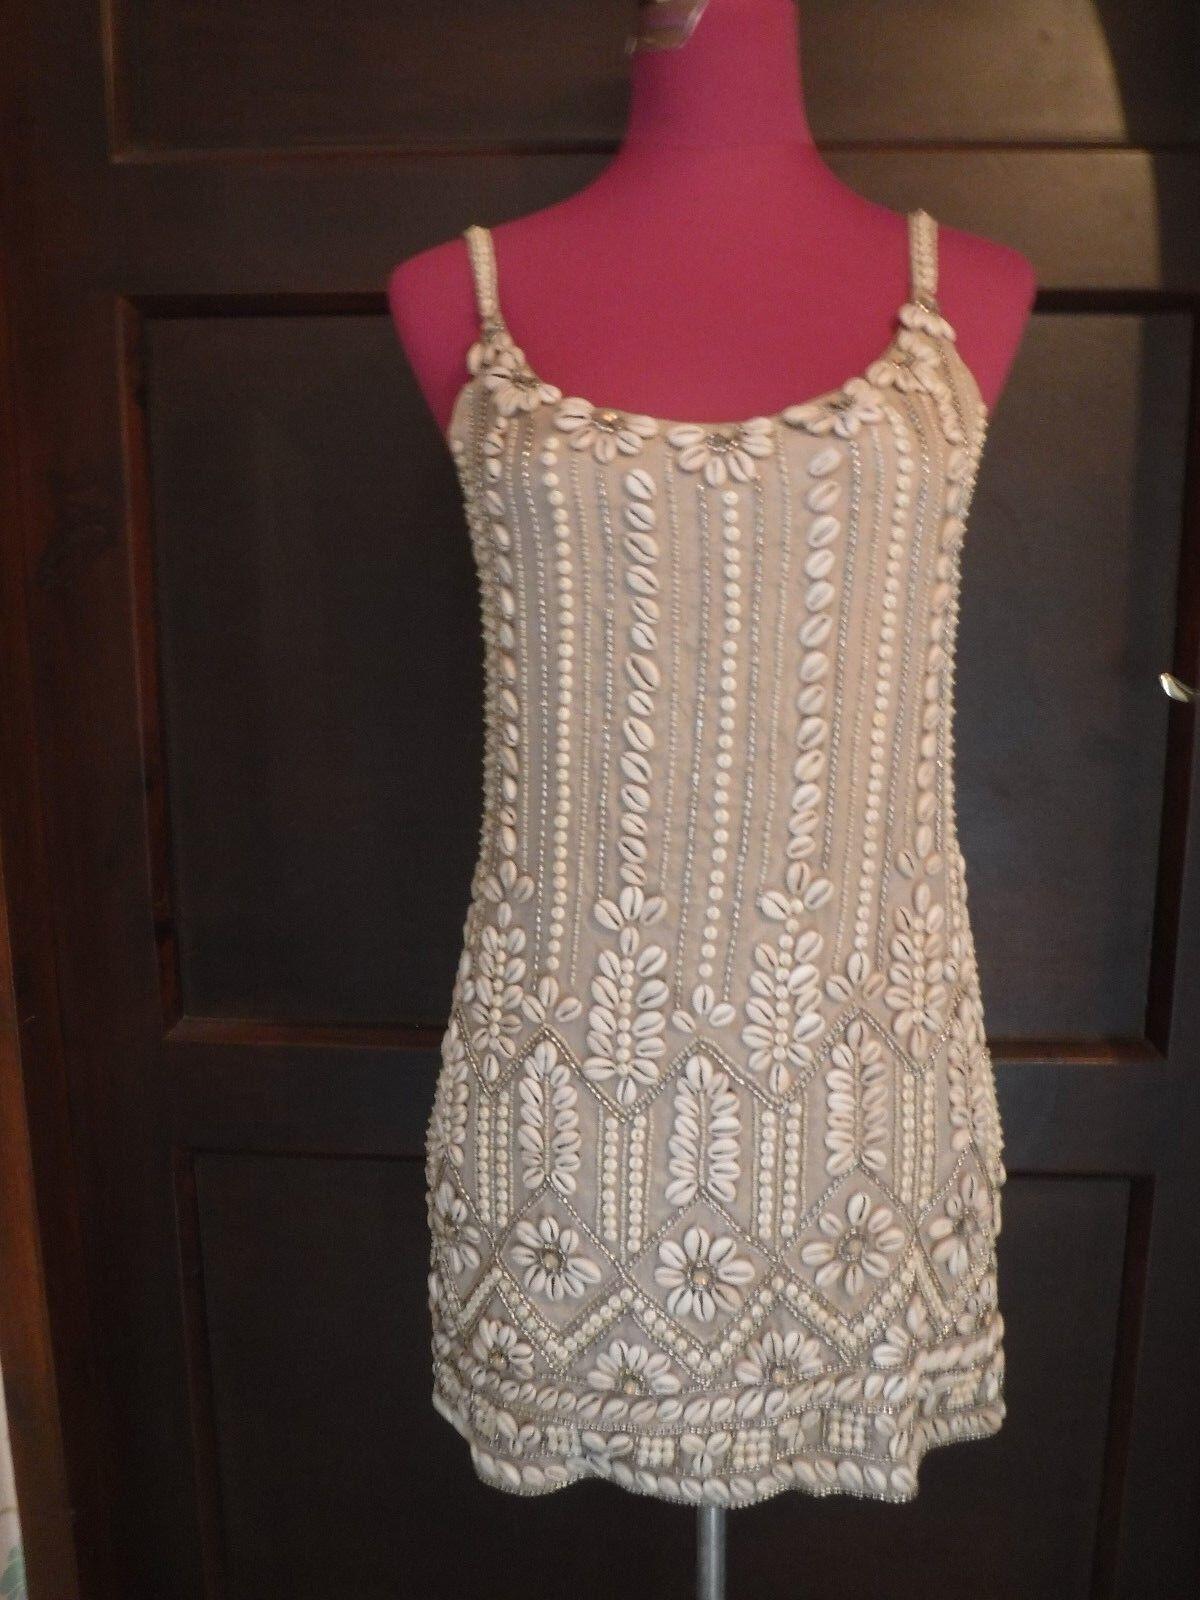 Stunning  All Saints Skallein Shell Sequin Dress Größe 8 Excellent Condition